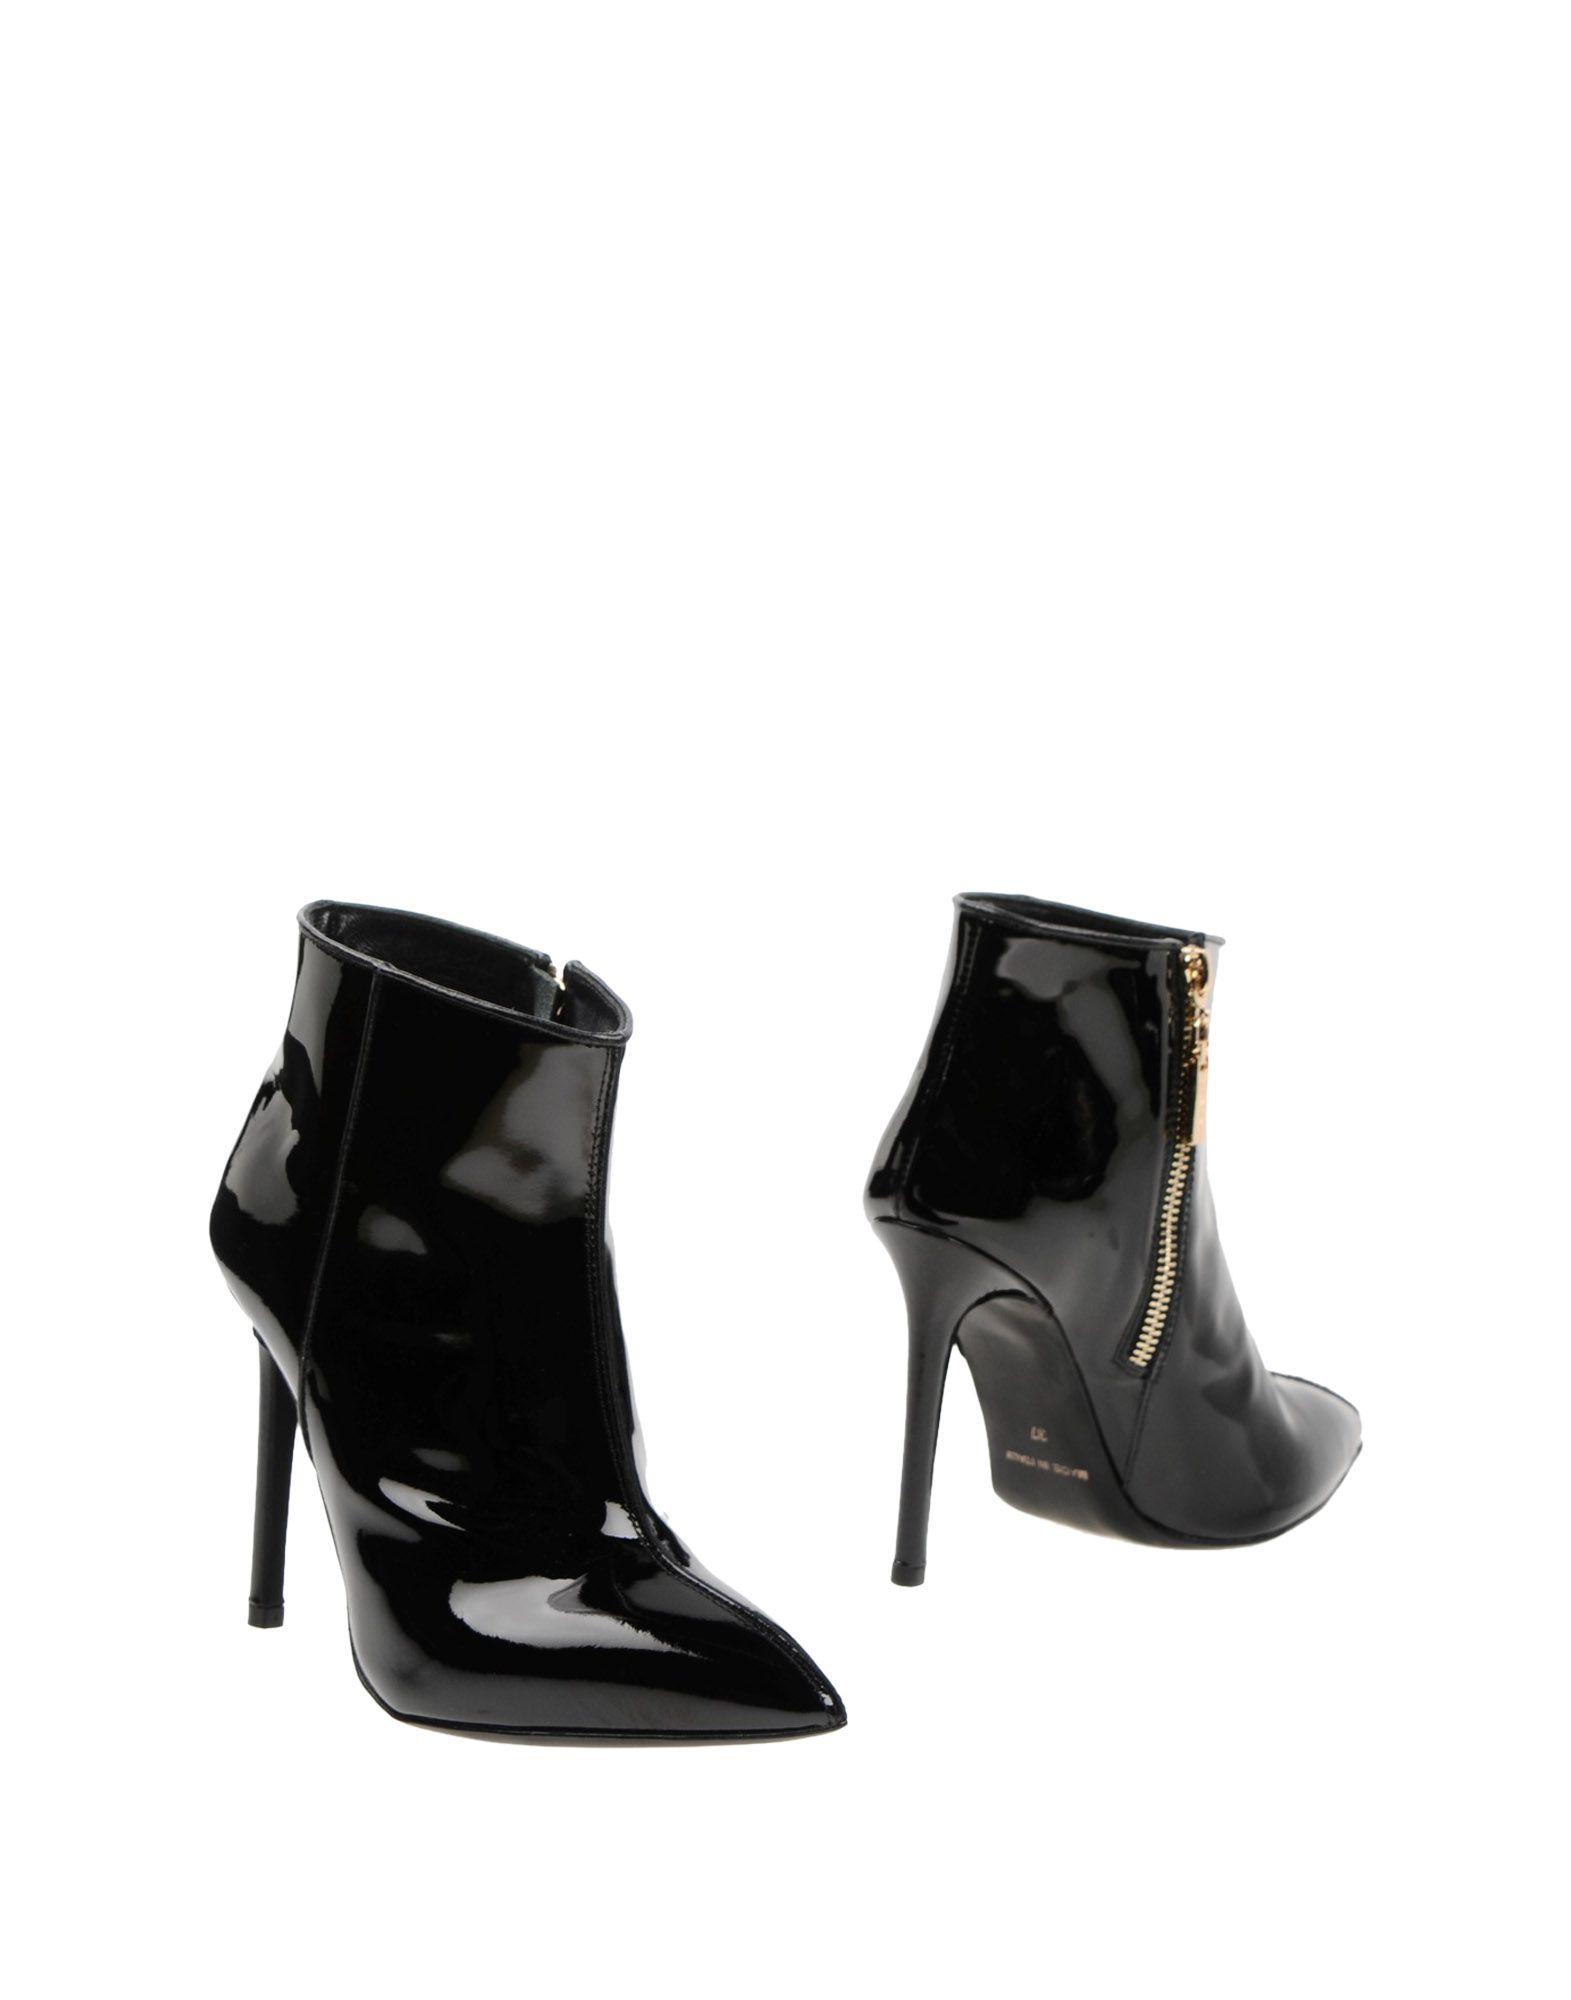 Mangano Stiefelette Damen  11410541GG Gute Qualität beliebte Schuhe